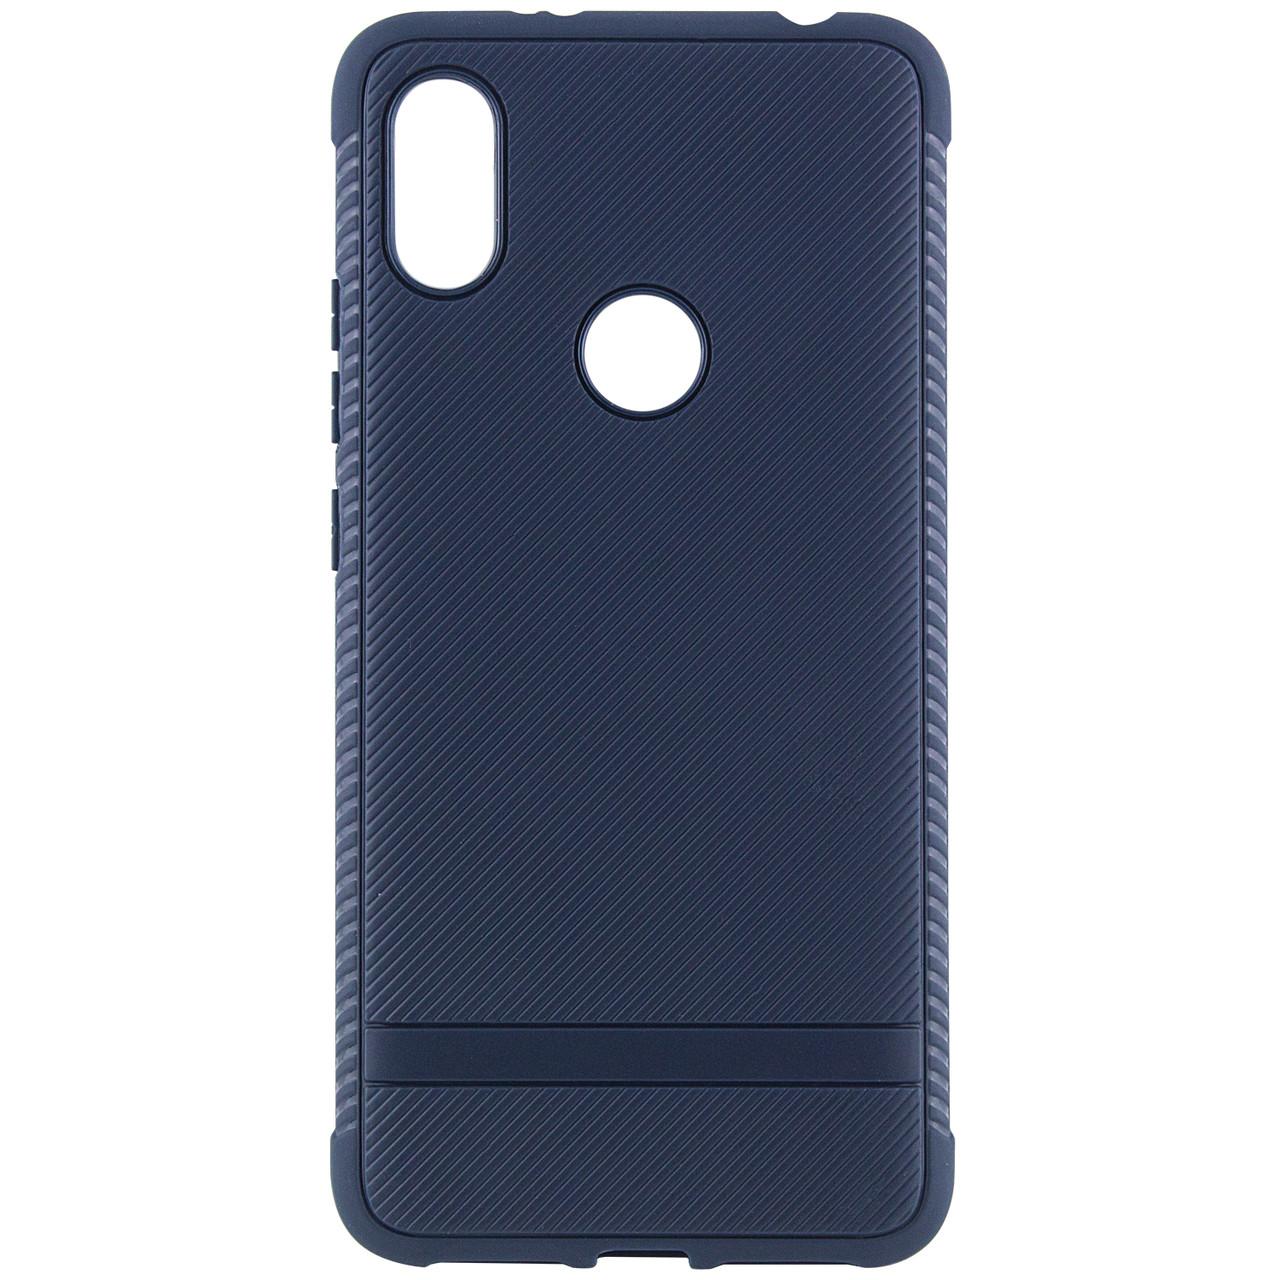 TPU чехол Stylish Series для Xiaomi Redmi S2